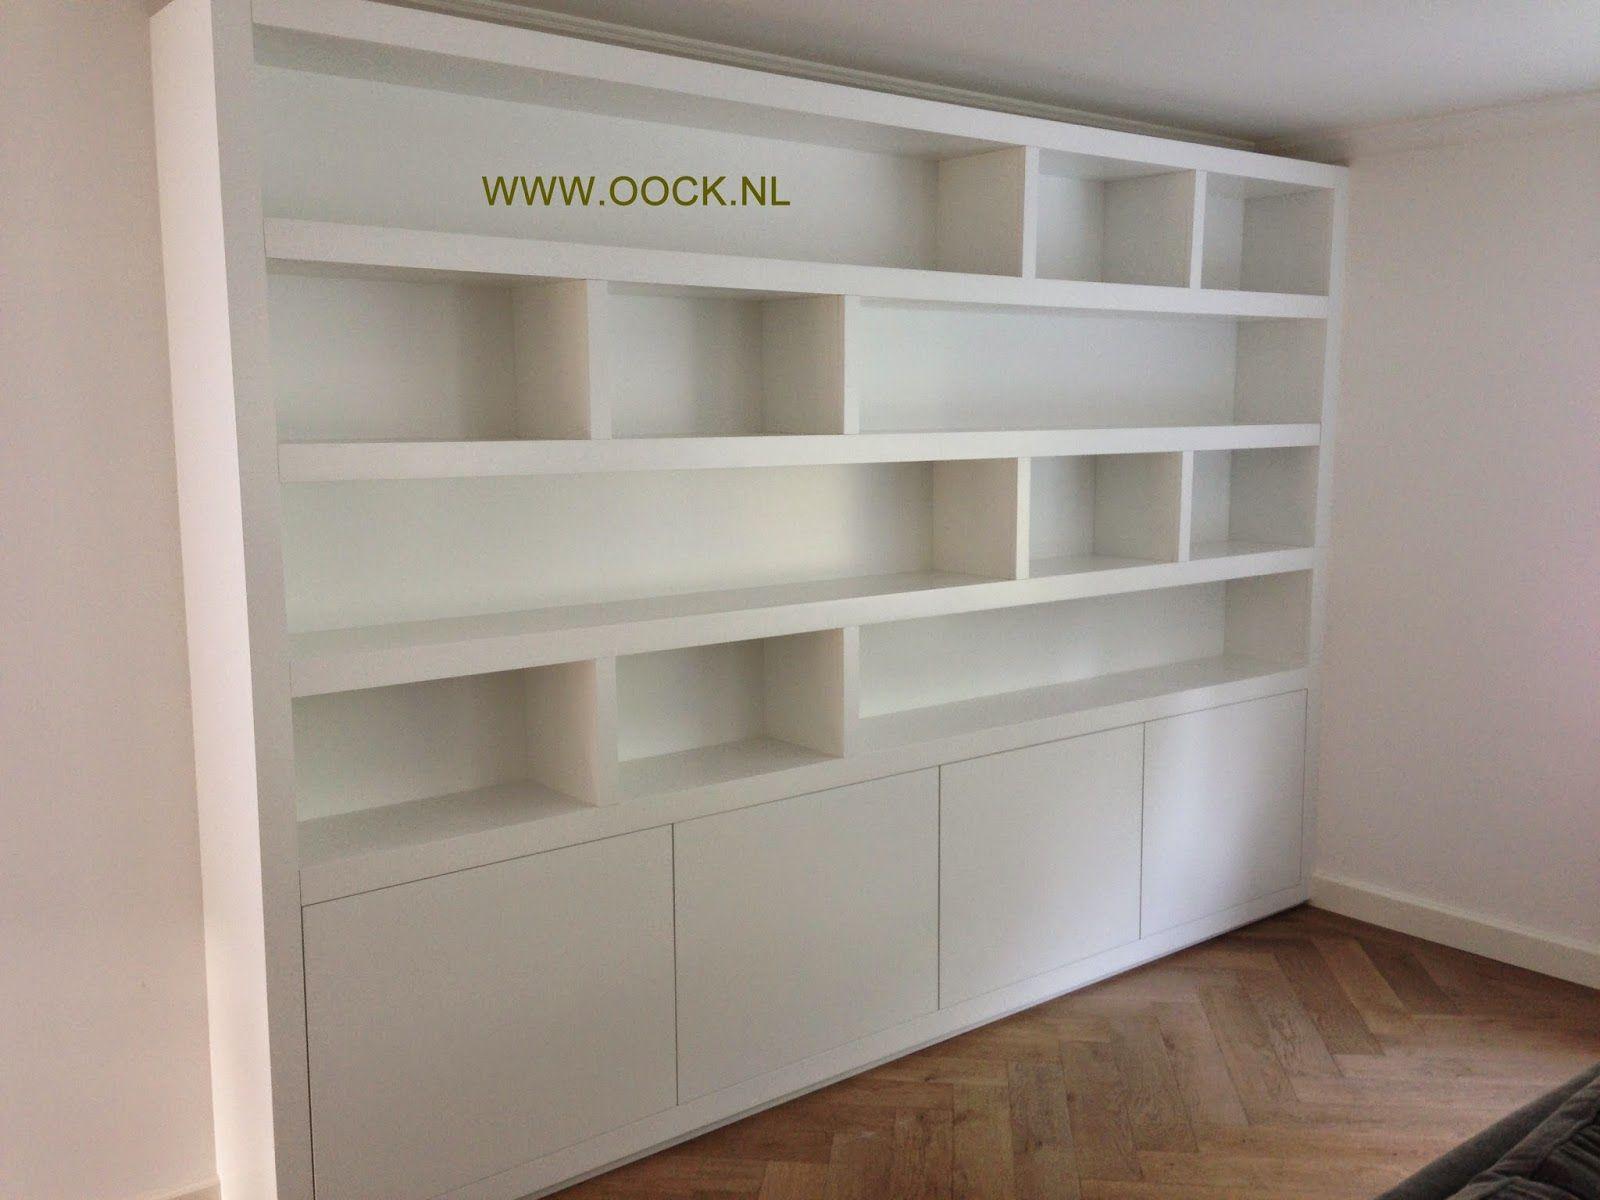 Oock boekenkast modern 1.jpg 1.600×1.200 pixels closet pinterest